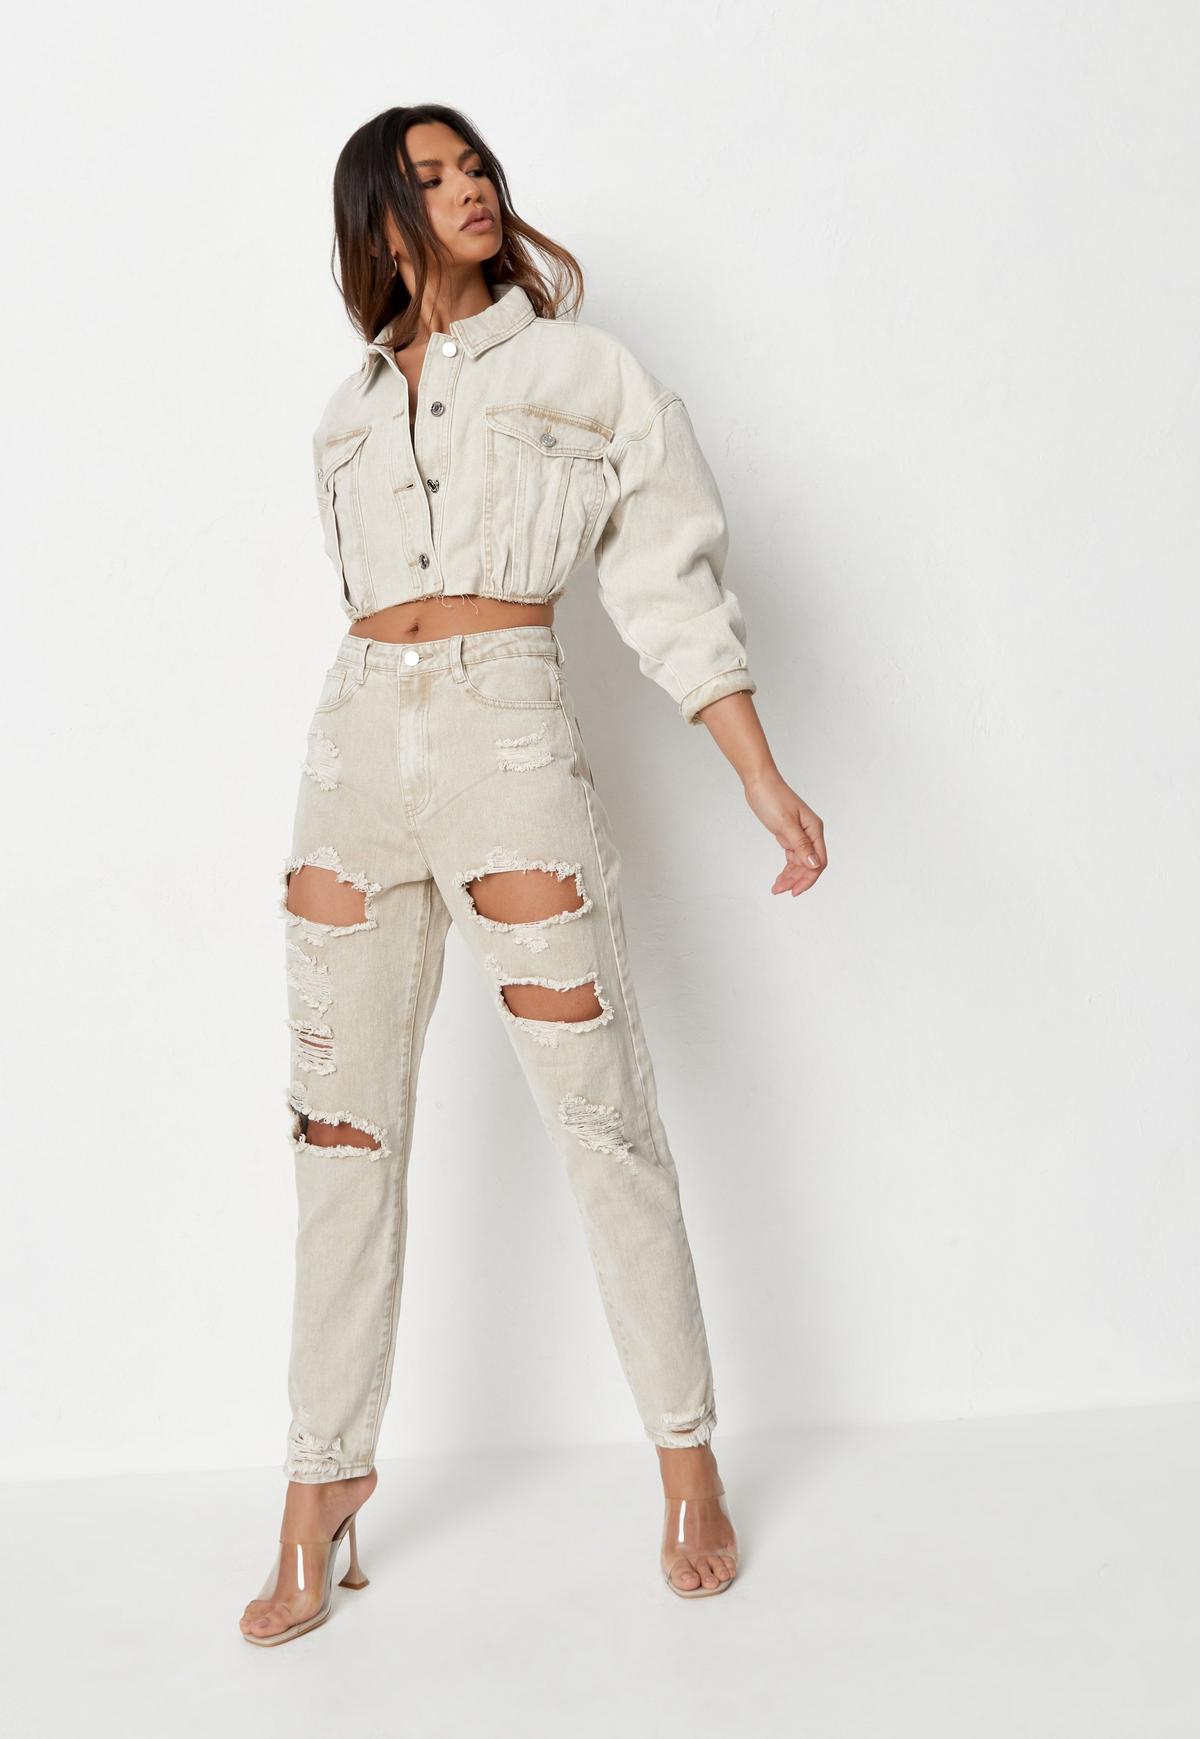 Veste en jean sable courte à ourlet brut